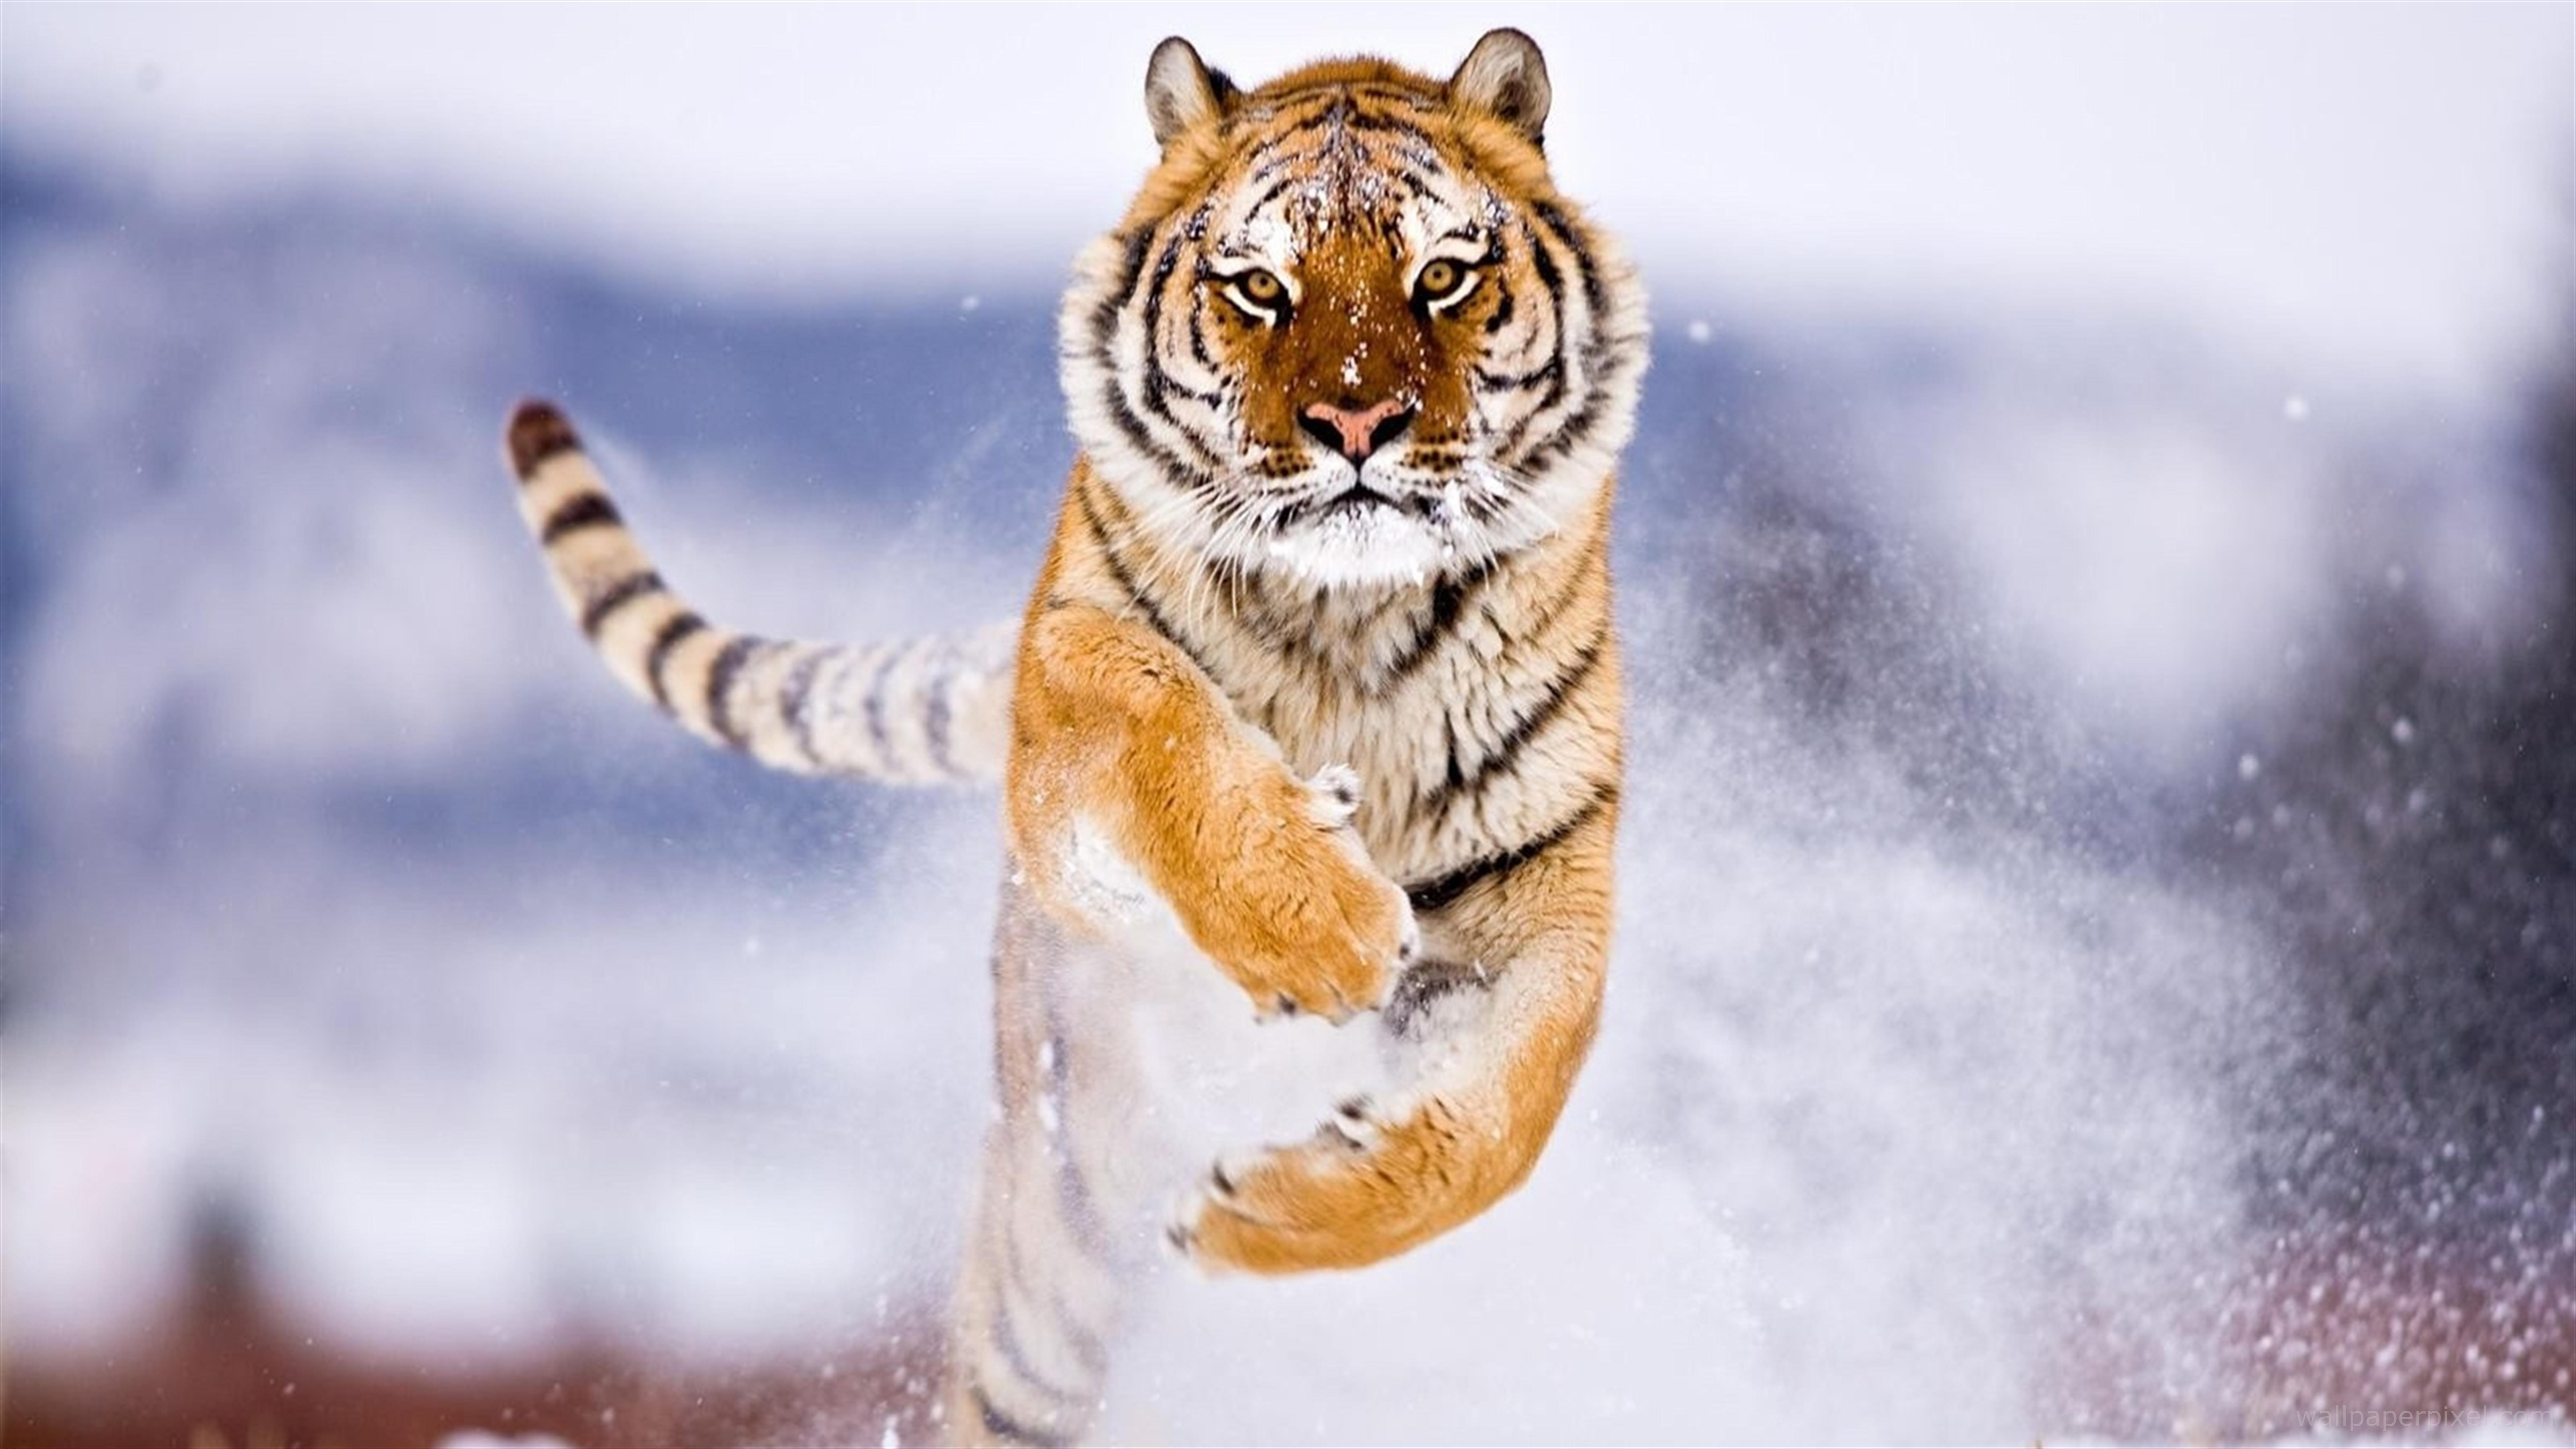 Việt Nam: Chi phí cho giáo dục cao hàng đầu thế giới 4k-image-tiger-jumping